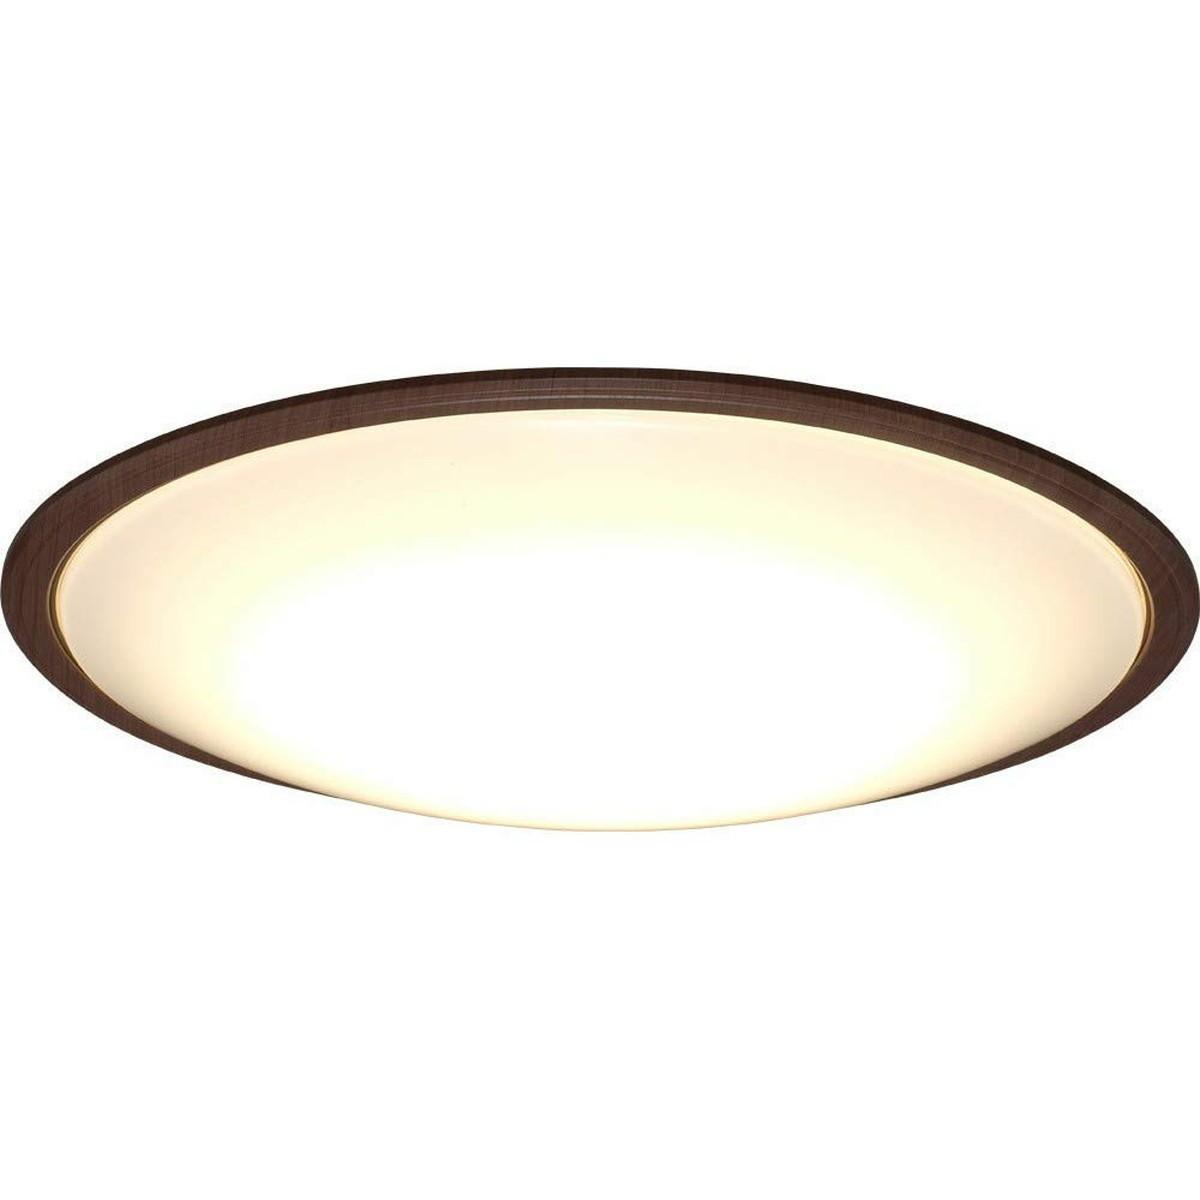 アイリスオーヤマ LED シーリングライト 調光 調色 タイプ ~8畳 メタルサーキットシリーズ ウッドフレーム ウォールナット CL8DL-5.1WFM【クーポン配布中】